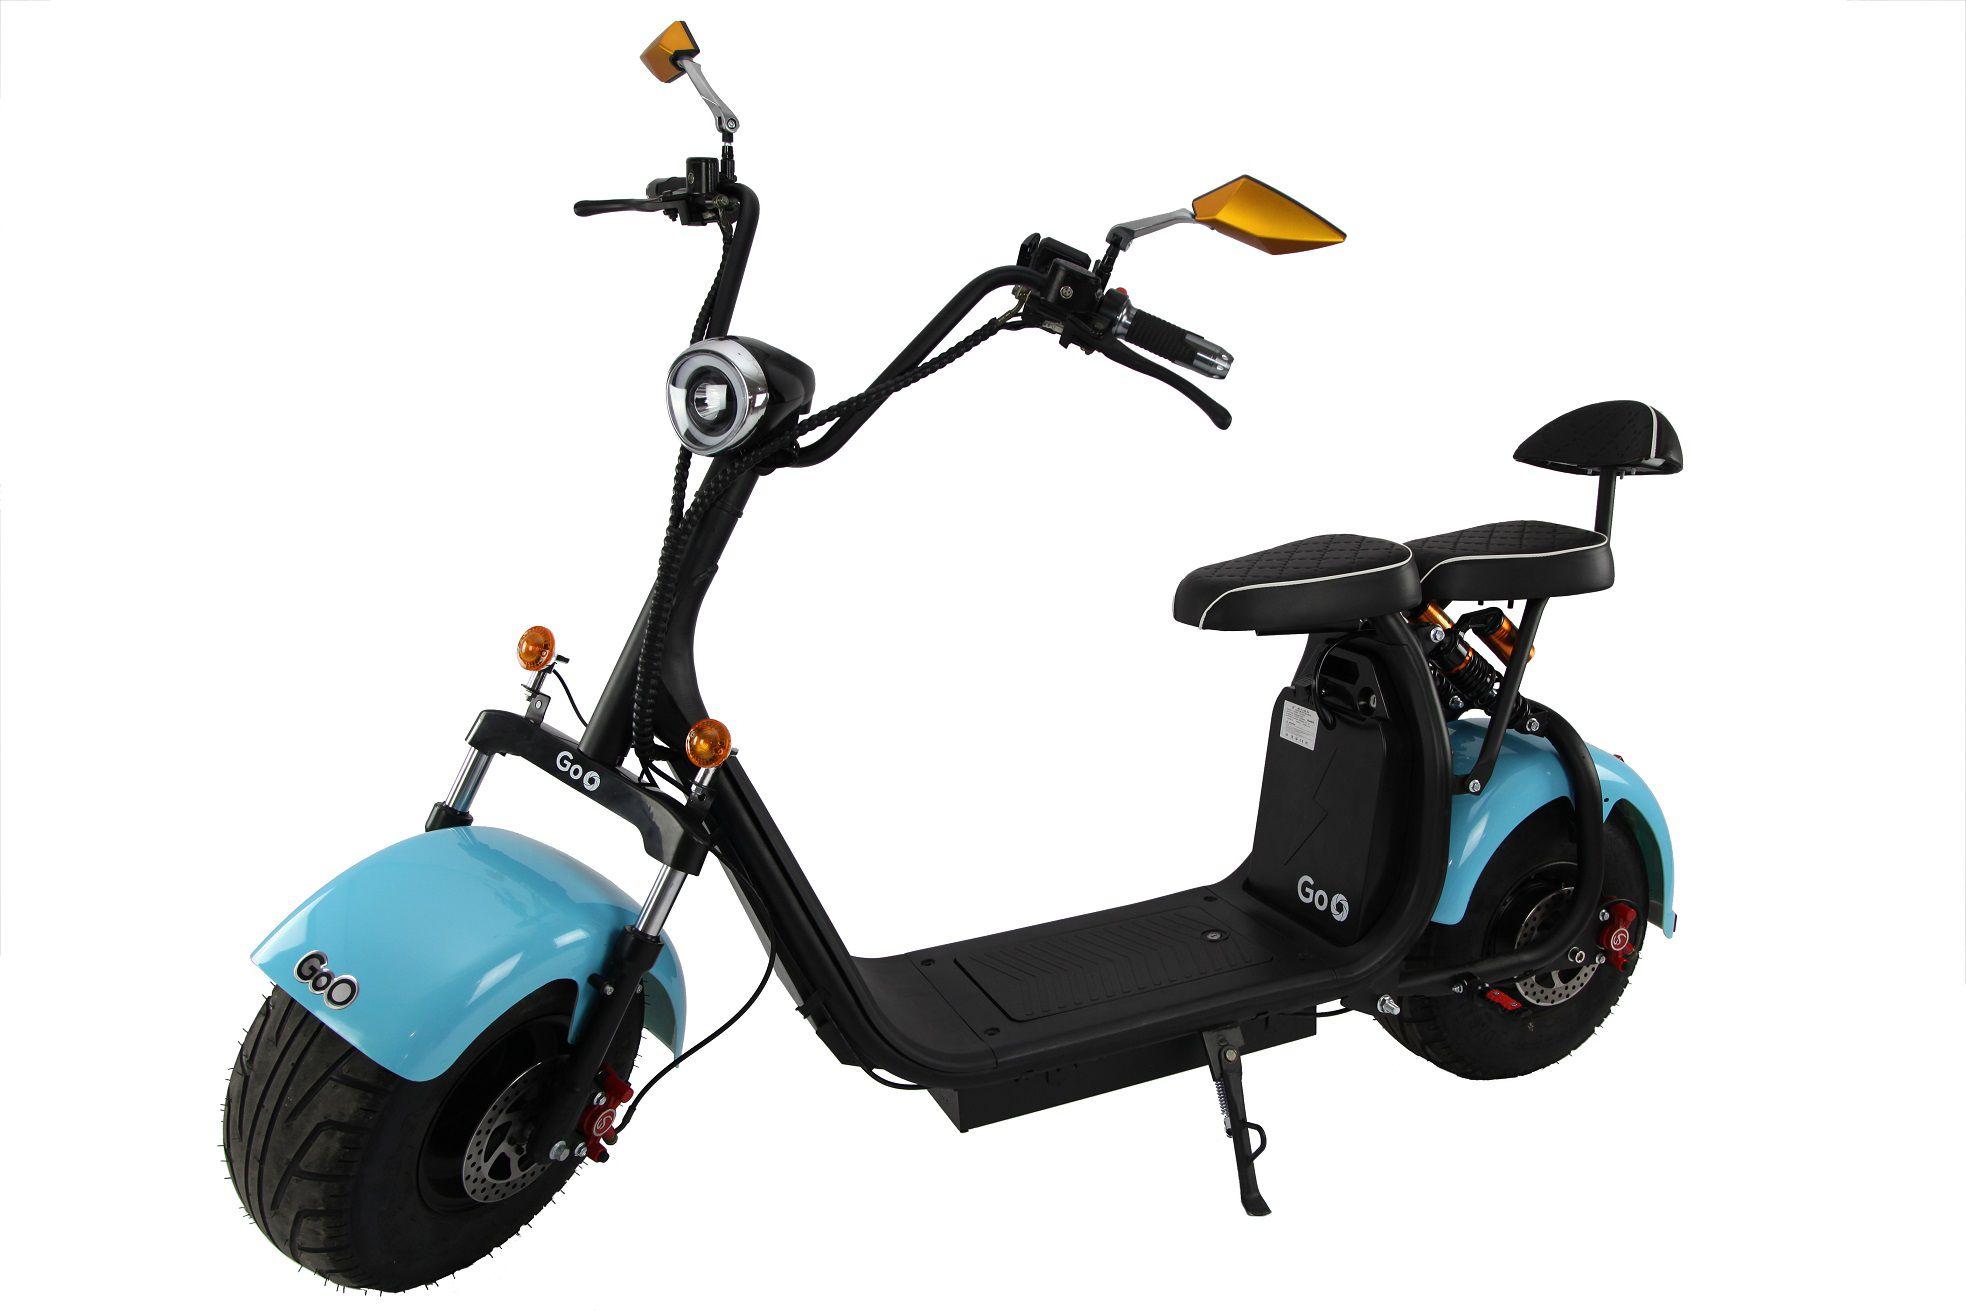 Scooter elétrica citycoco X7 2000W com bateria 20Ah